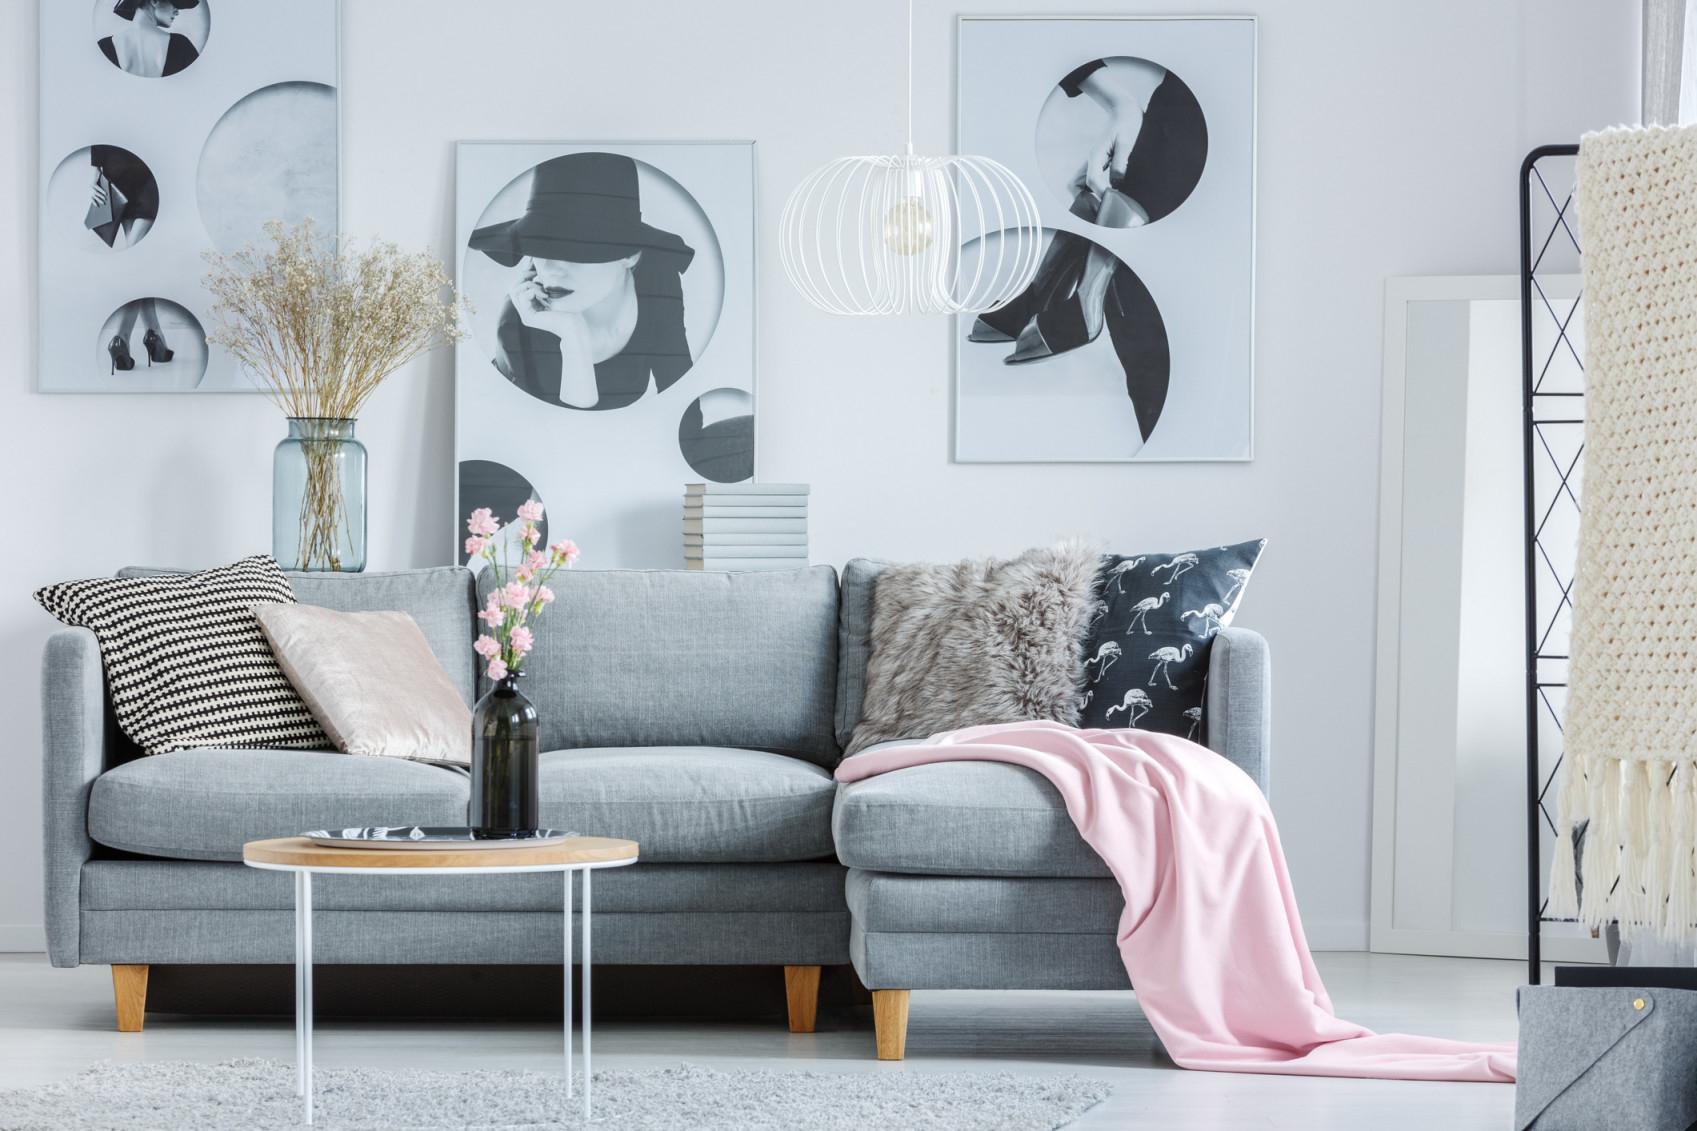 Wandgestaltung 5 Moderne Ideen Für Schöne Wände von Moderne Wohnzimmer Wandgestaltung Photo